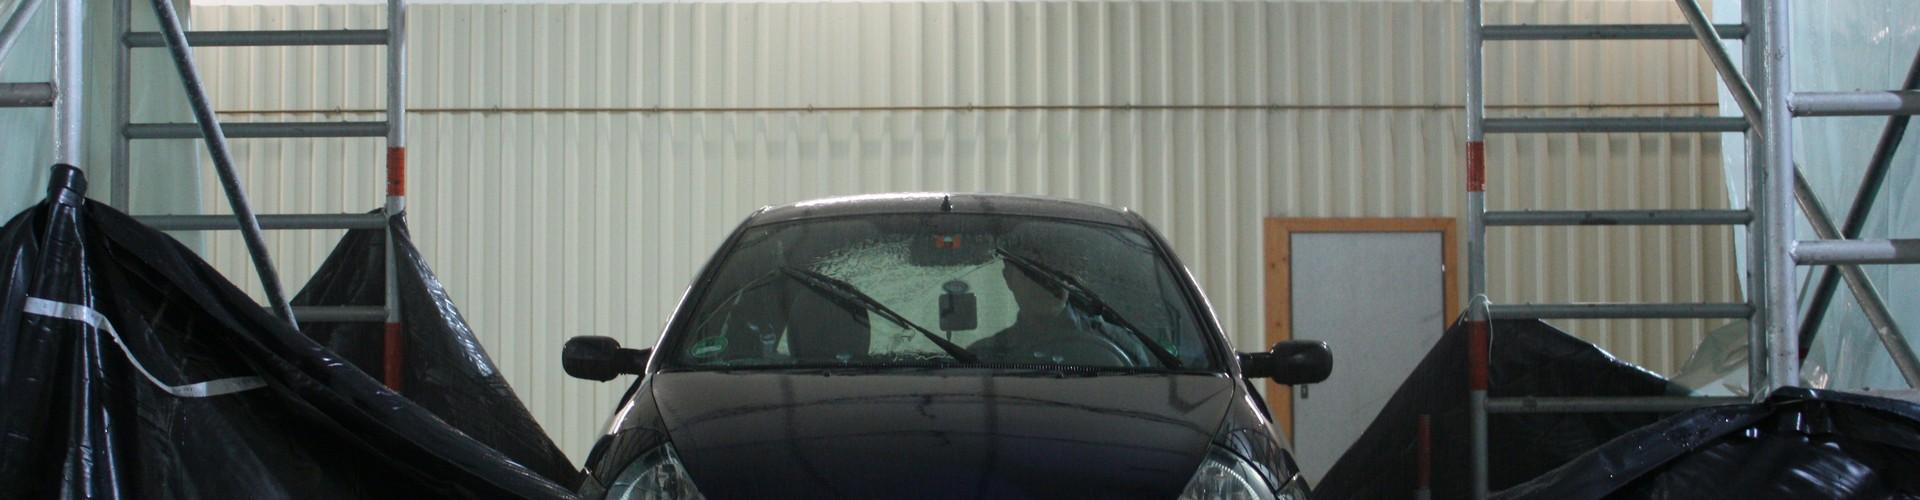 A car tested under a rain simulator (Credit: www.ikg.uni-hannover.de, Daniel Fitzner)